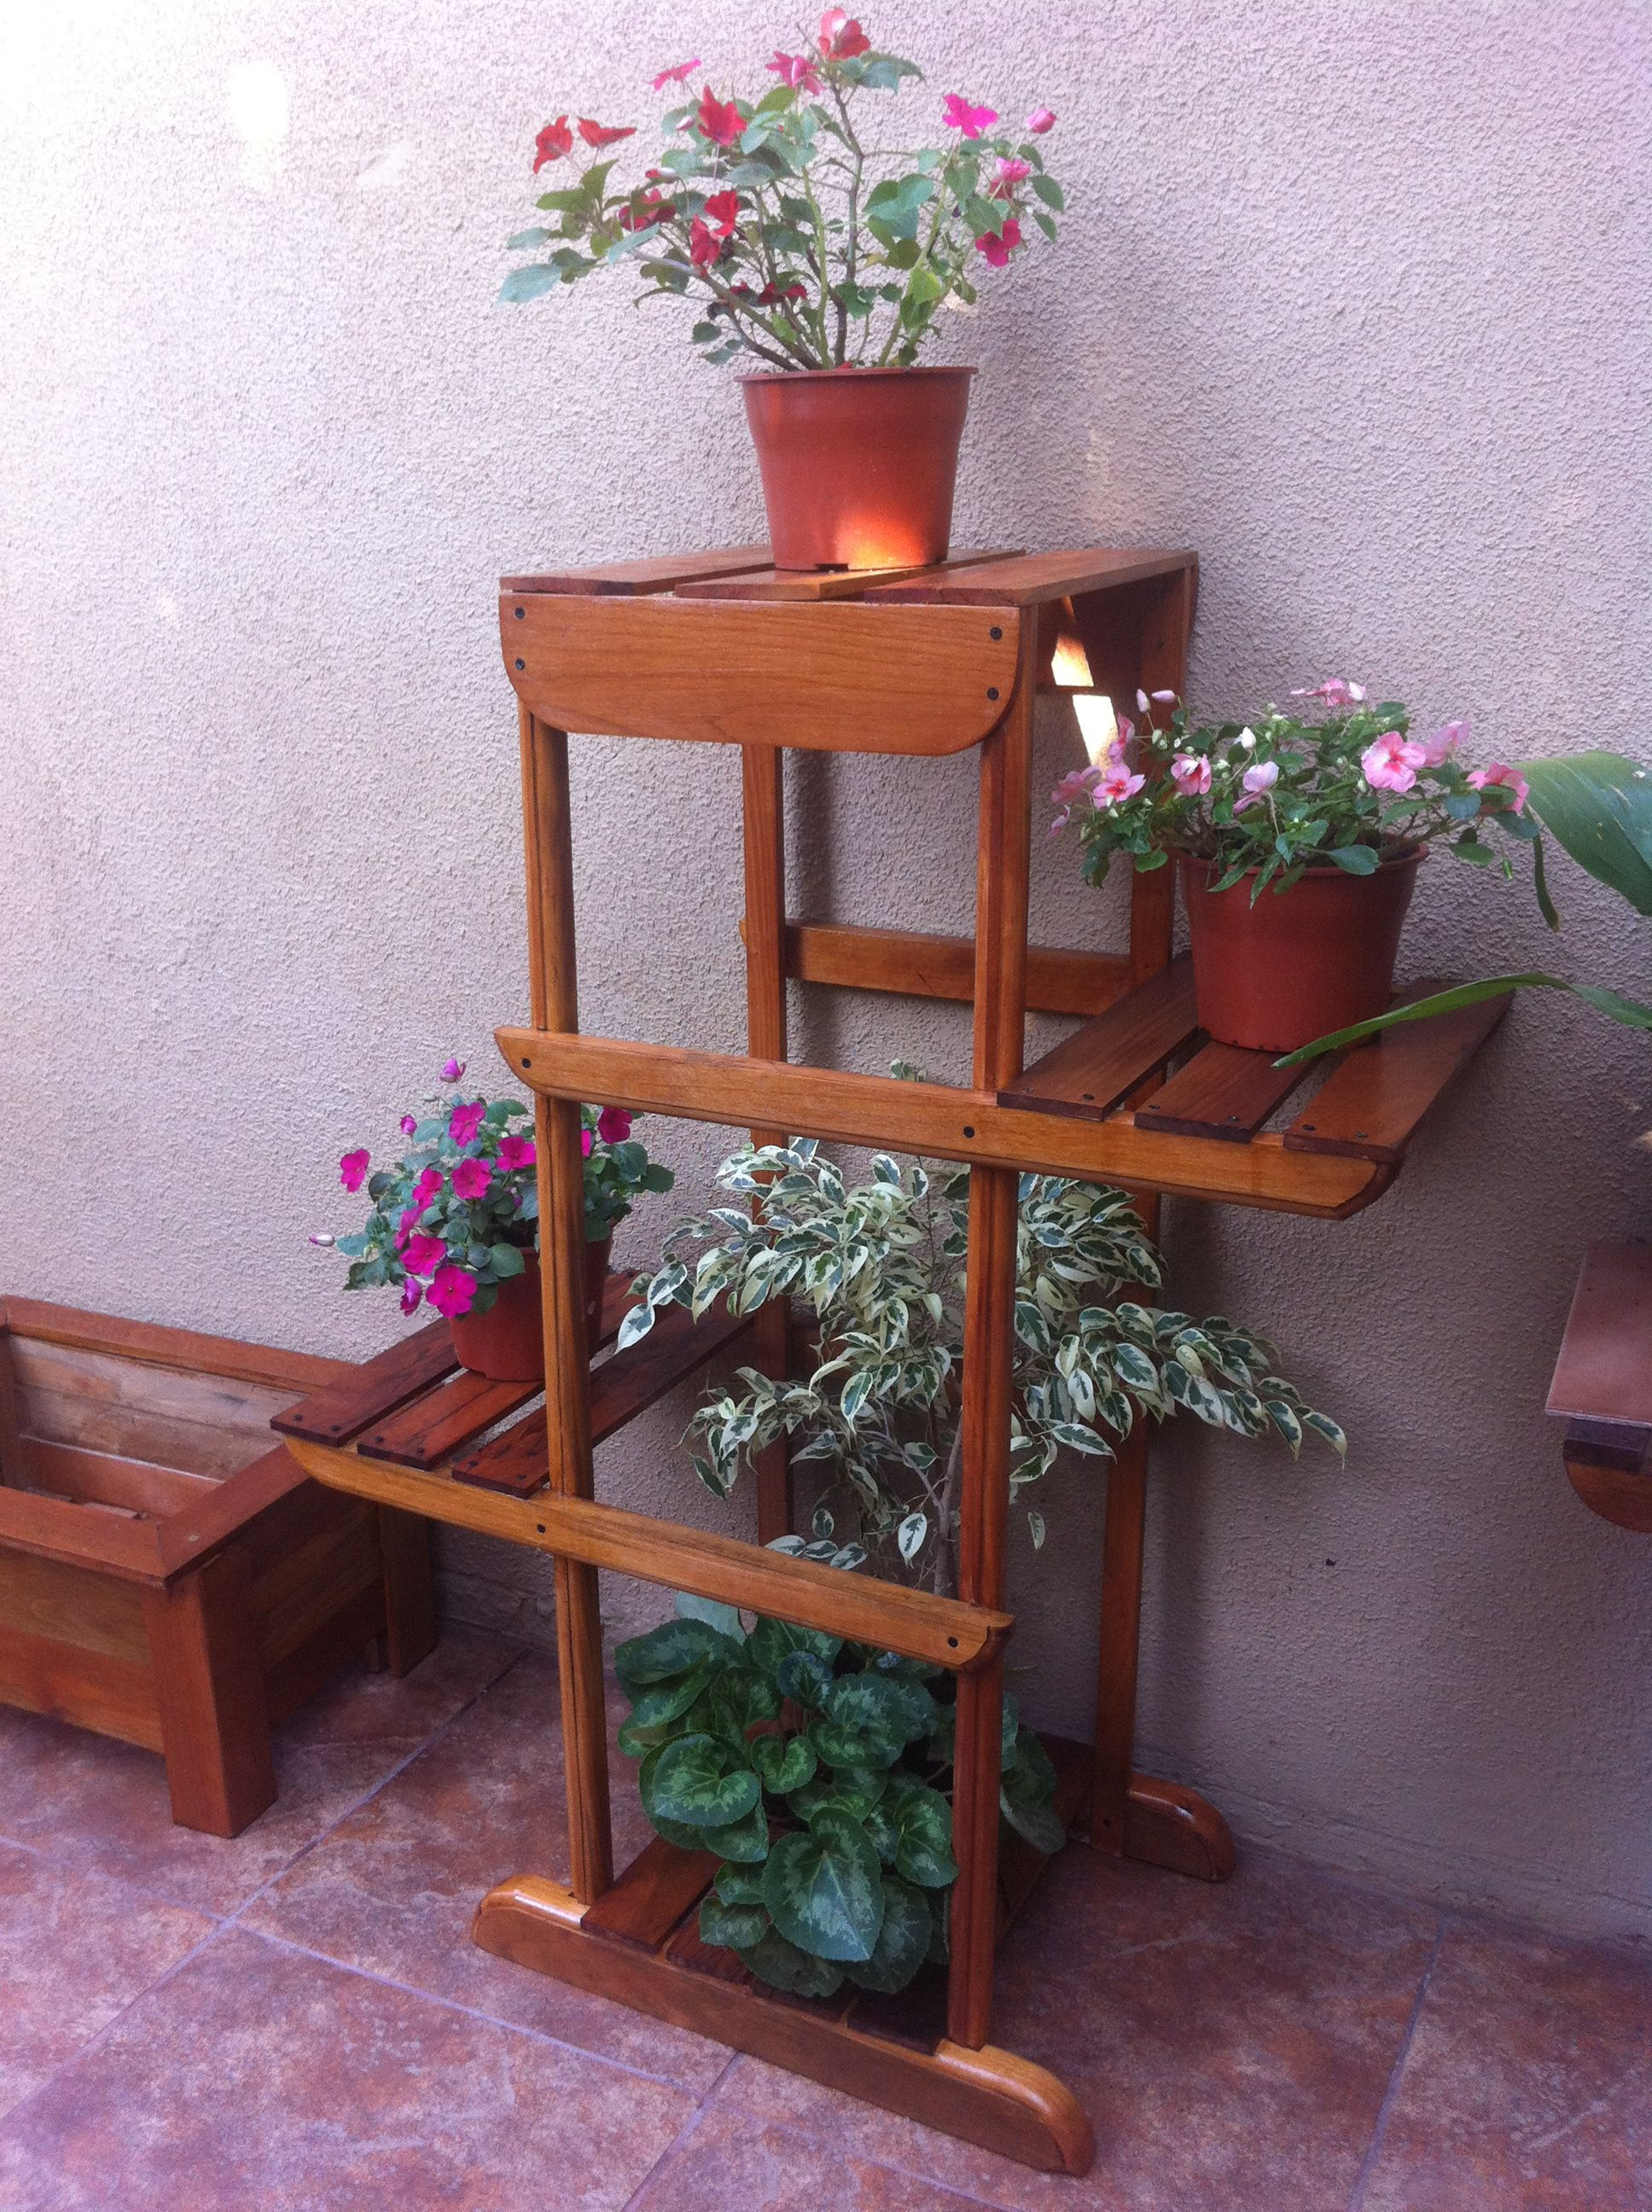 Porta maceteros con cuatro niveles hecho en madera artesanias pinterest hechos madera y - Maceteros de madera ...